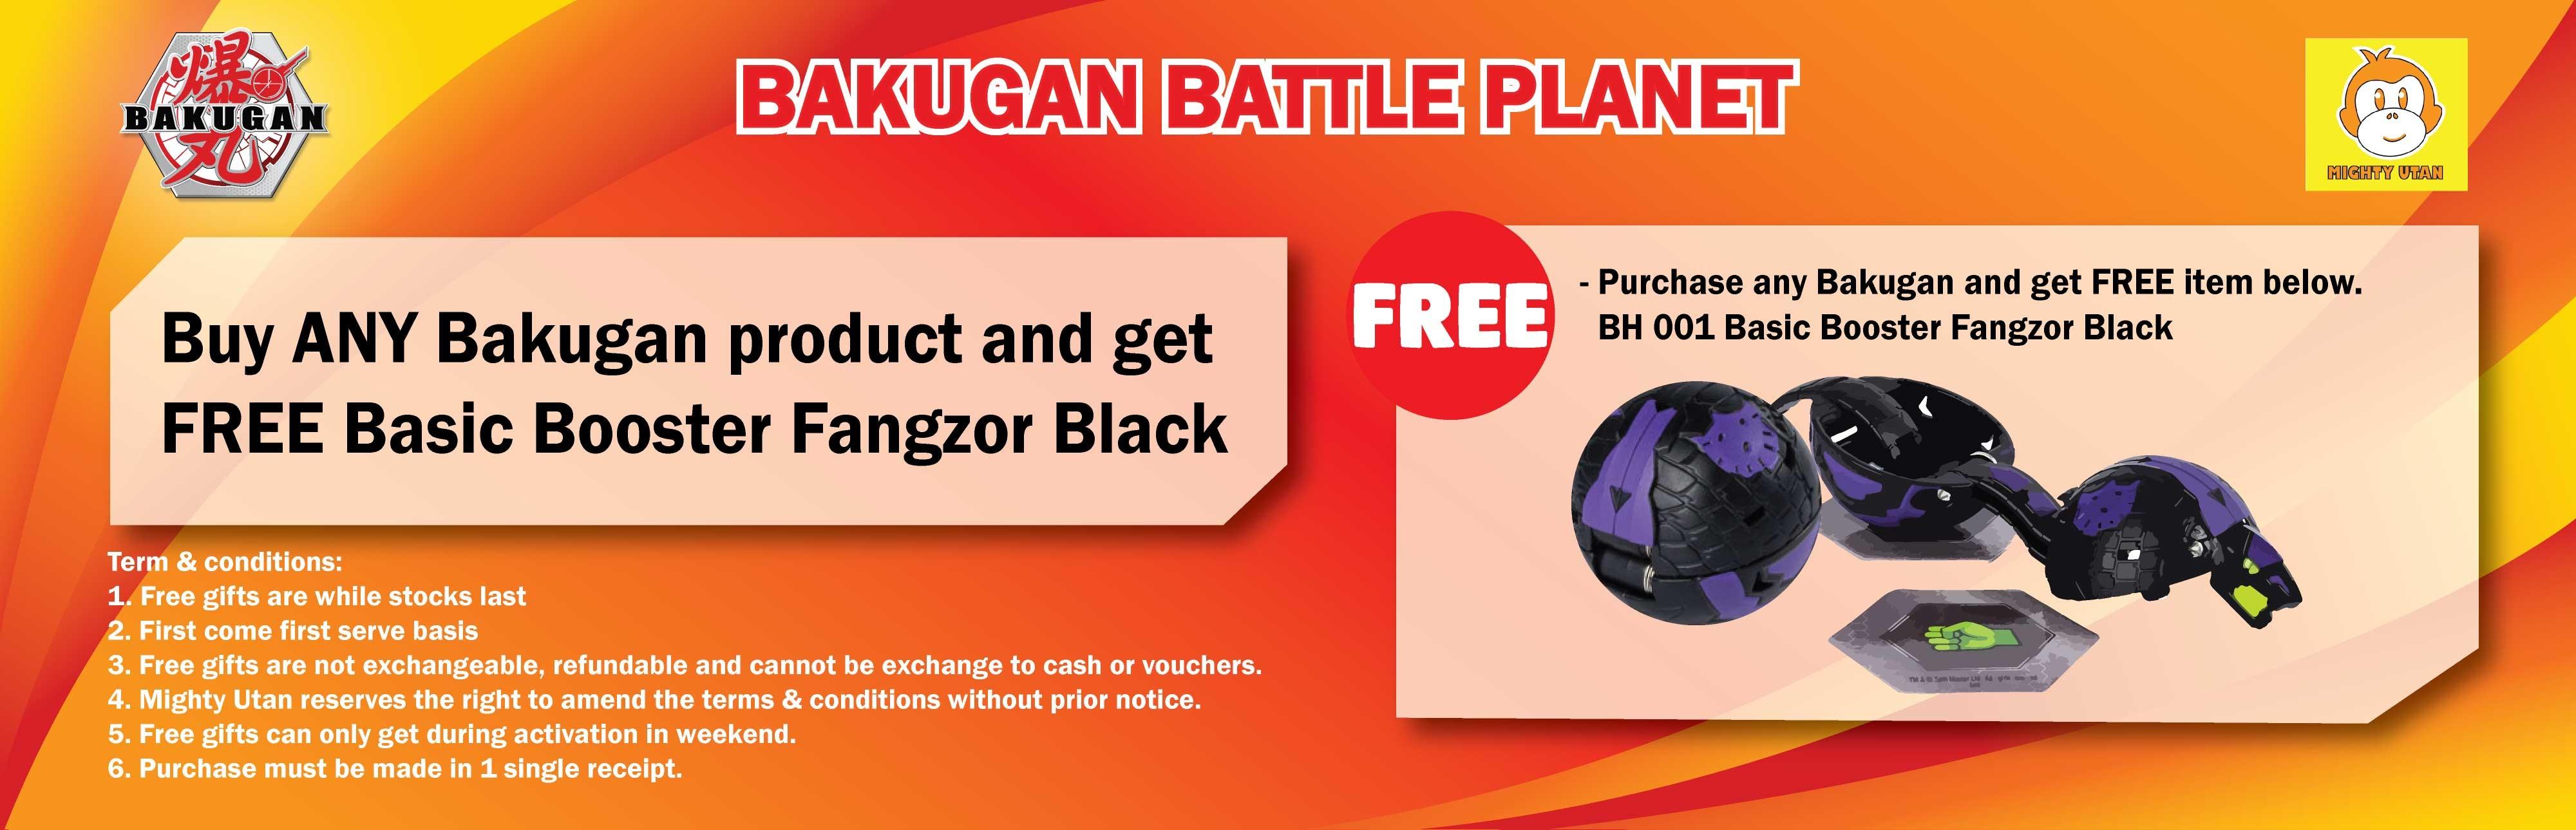 Bakugan Free Gift 2019